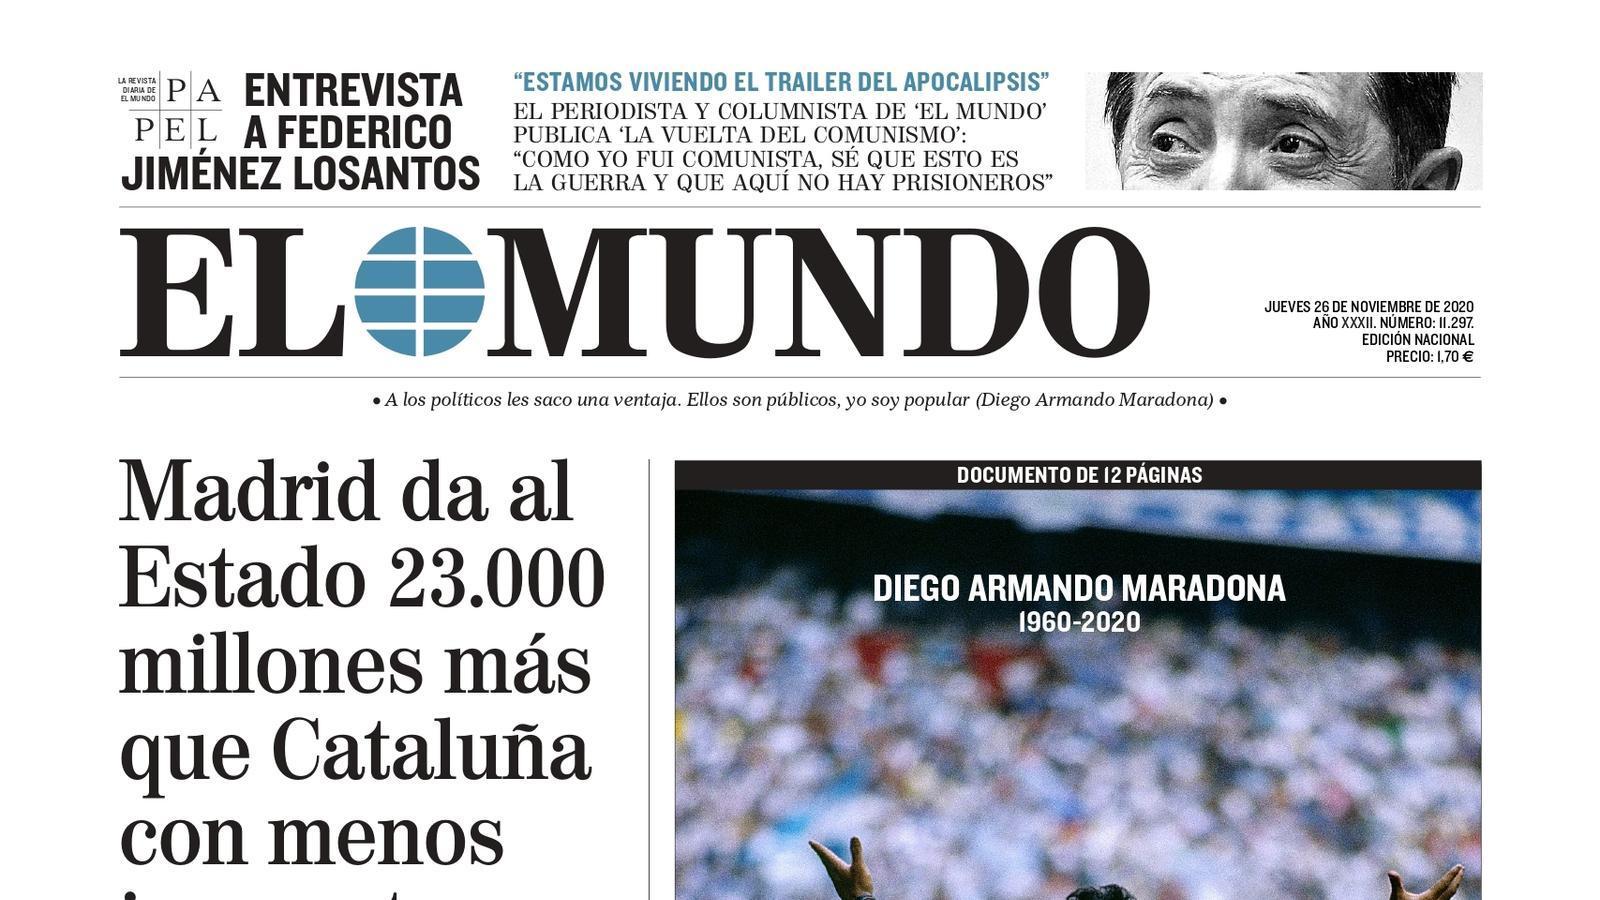 26/11 El Mundo